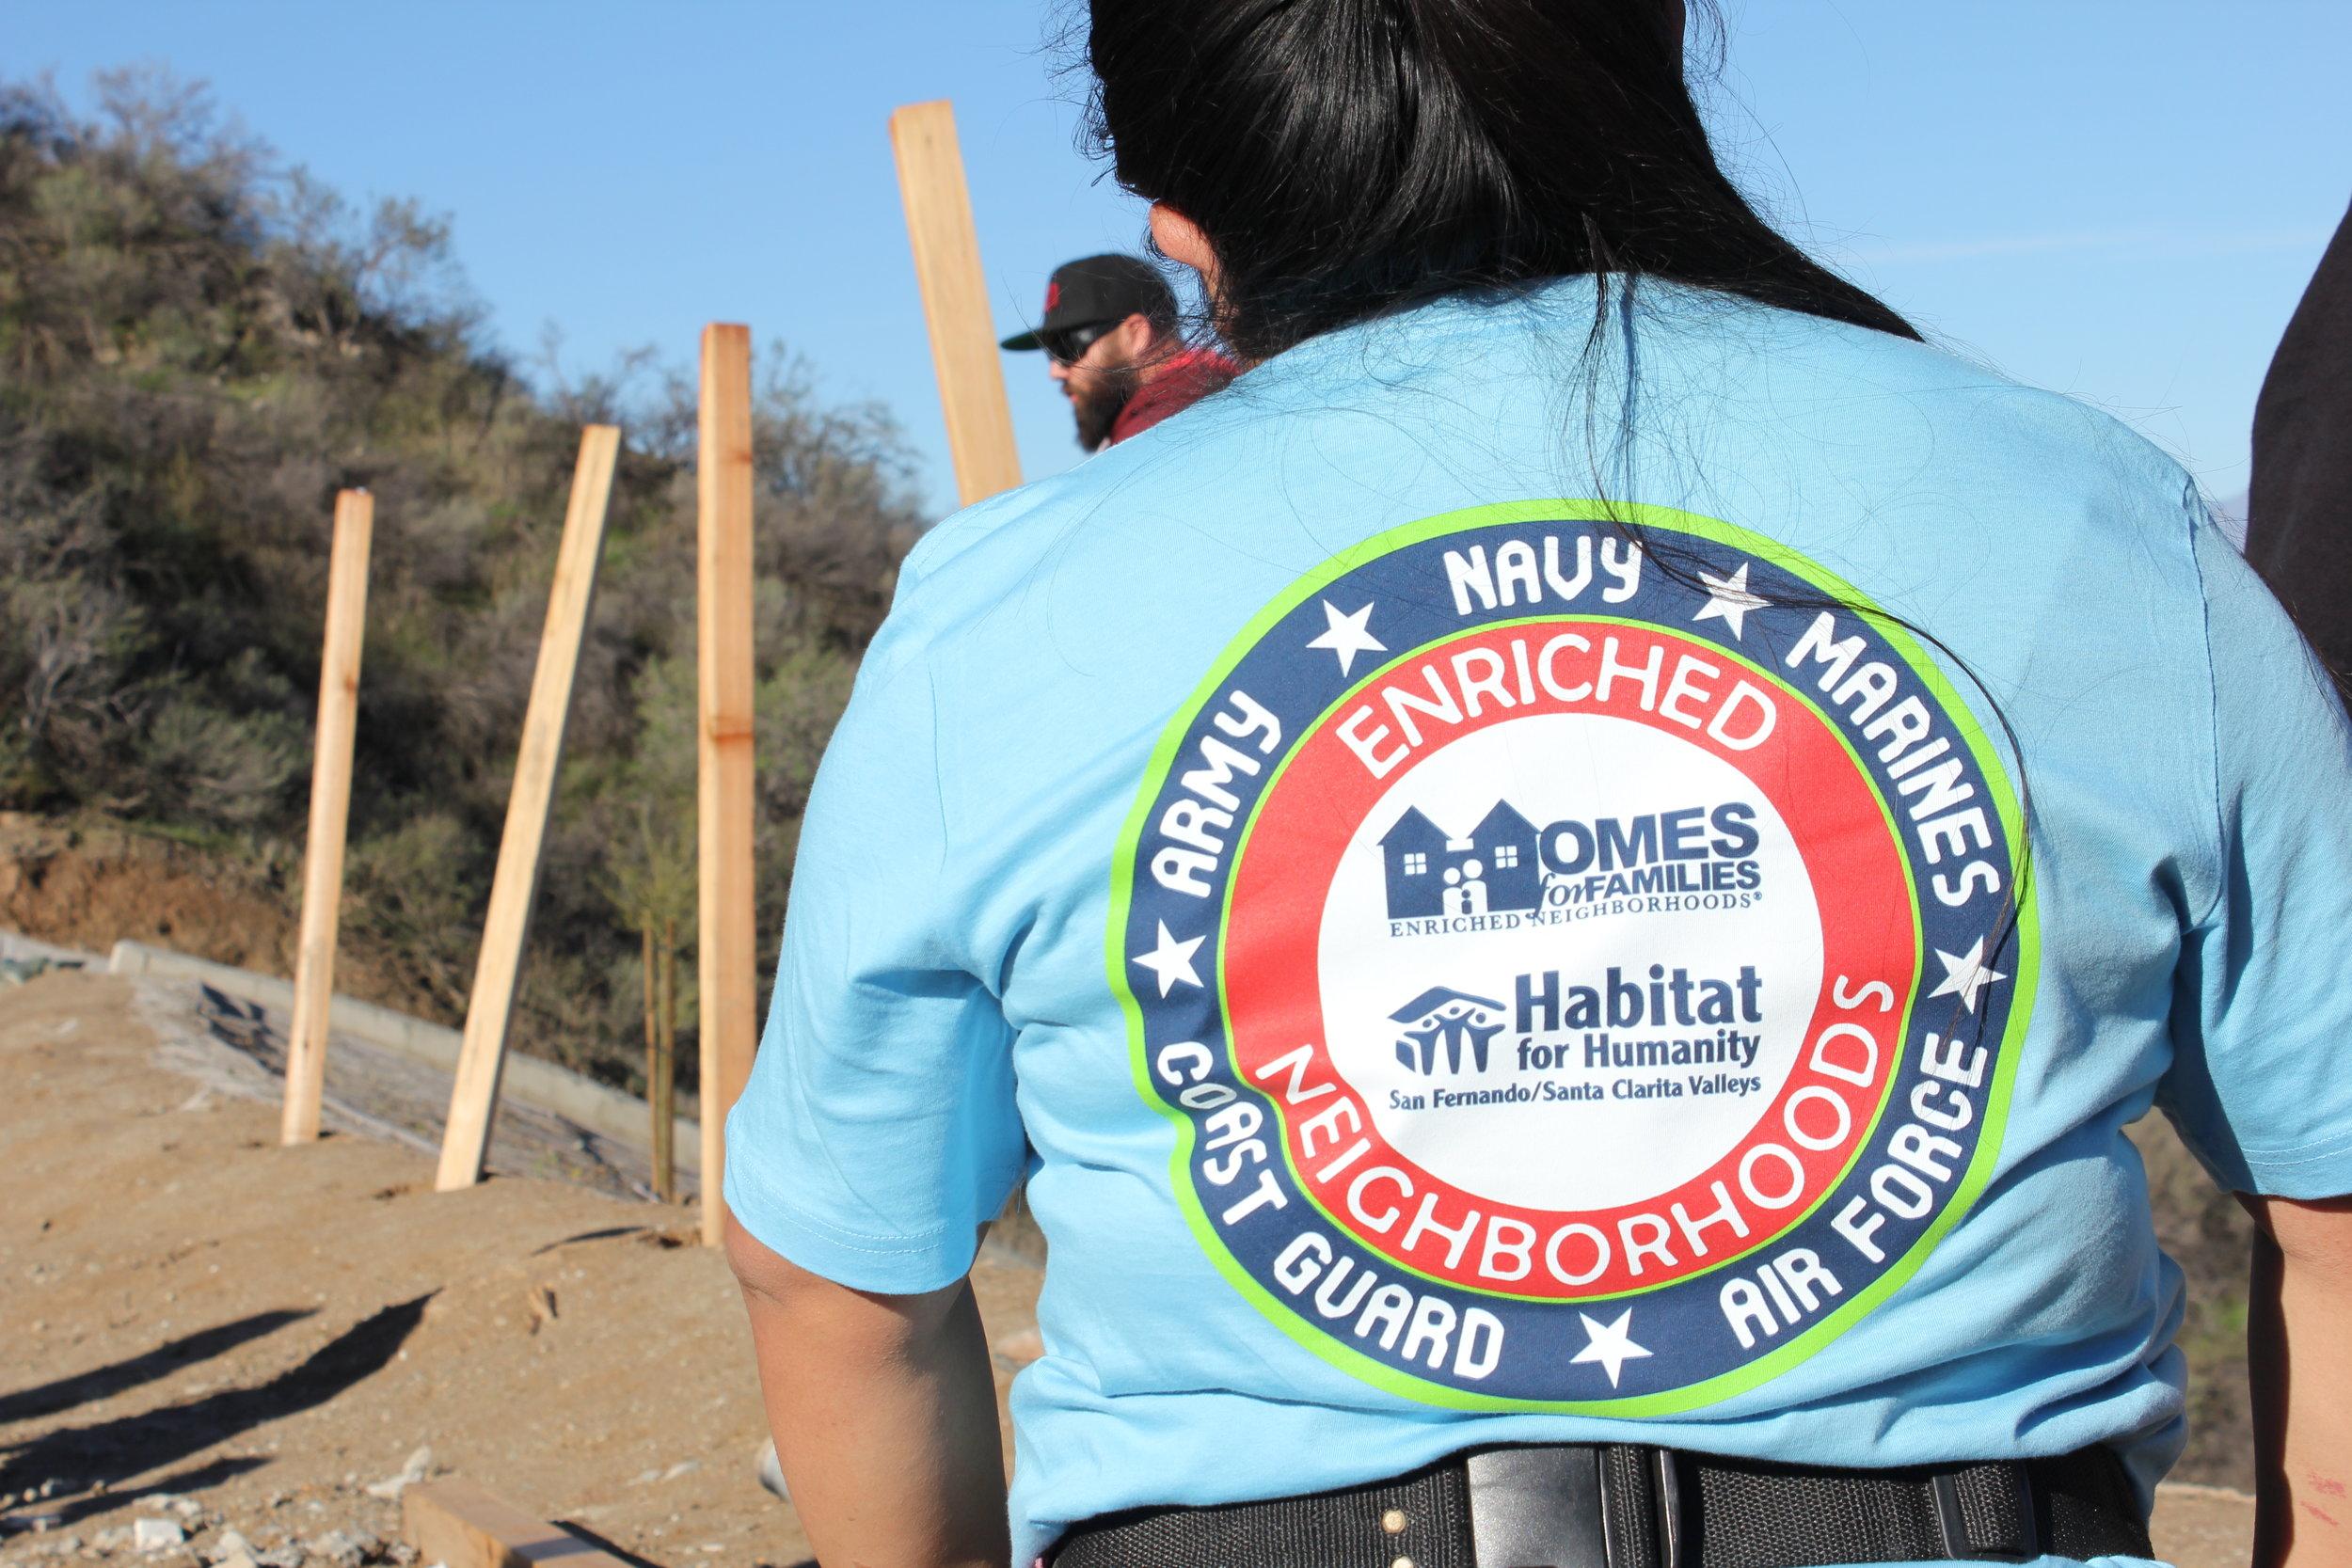 Habitat for Humanity SF/SCV